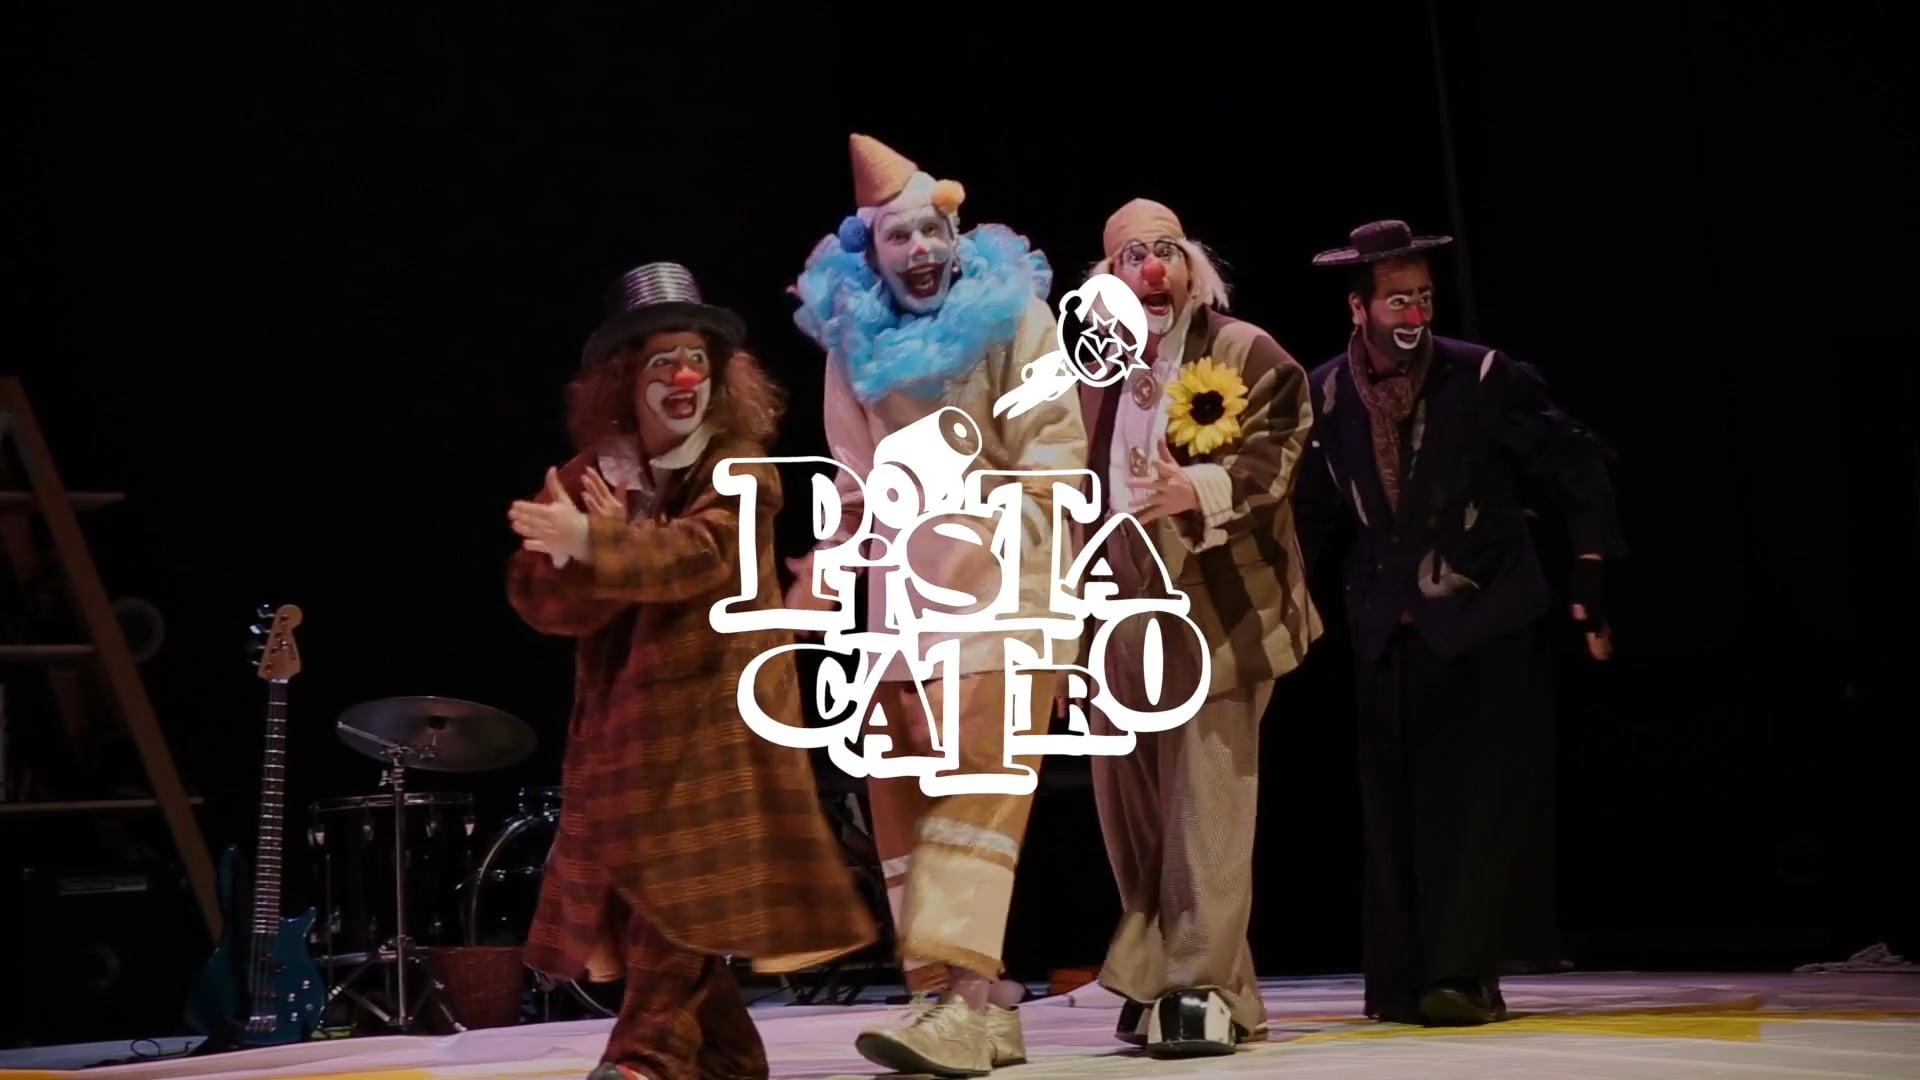 Trailer OUTONO. Compañia Circo PISTACATRO